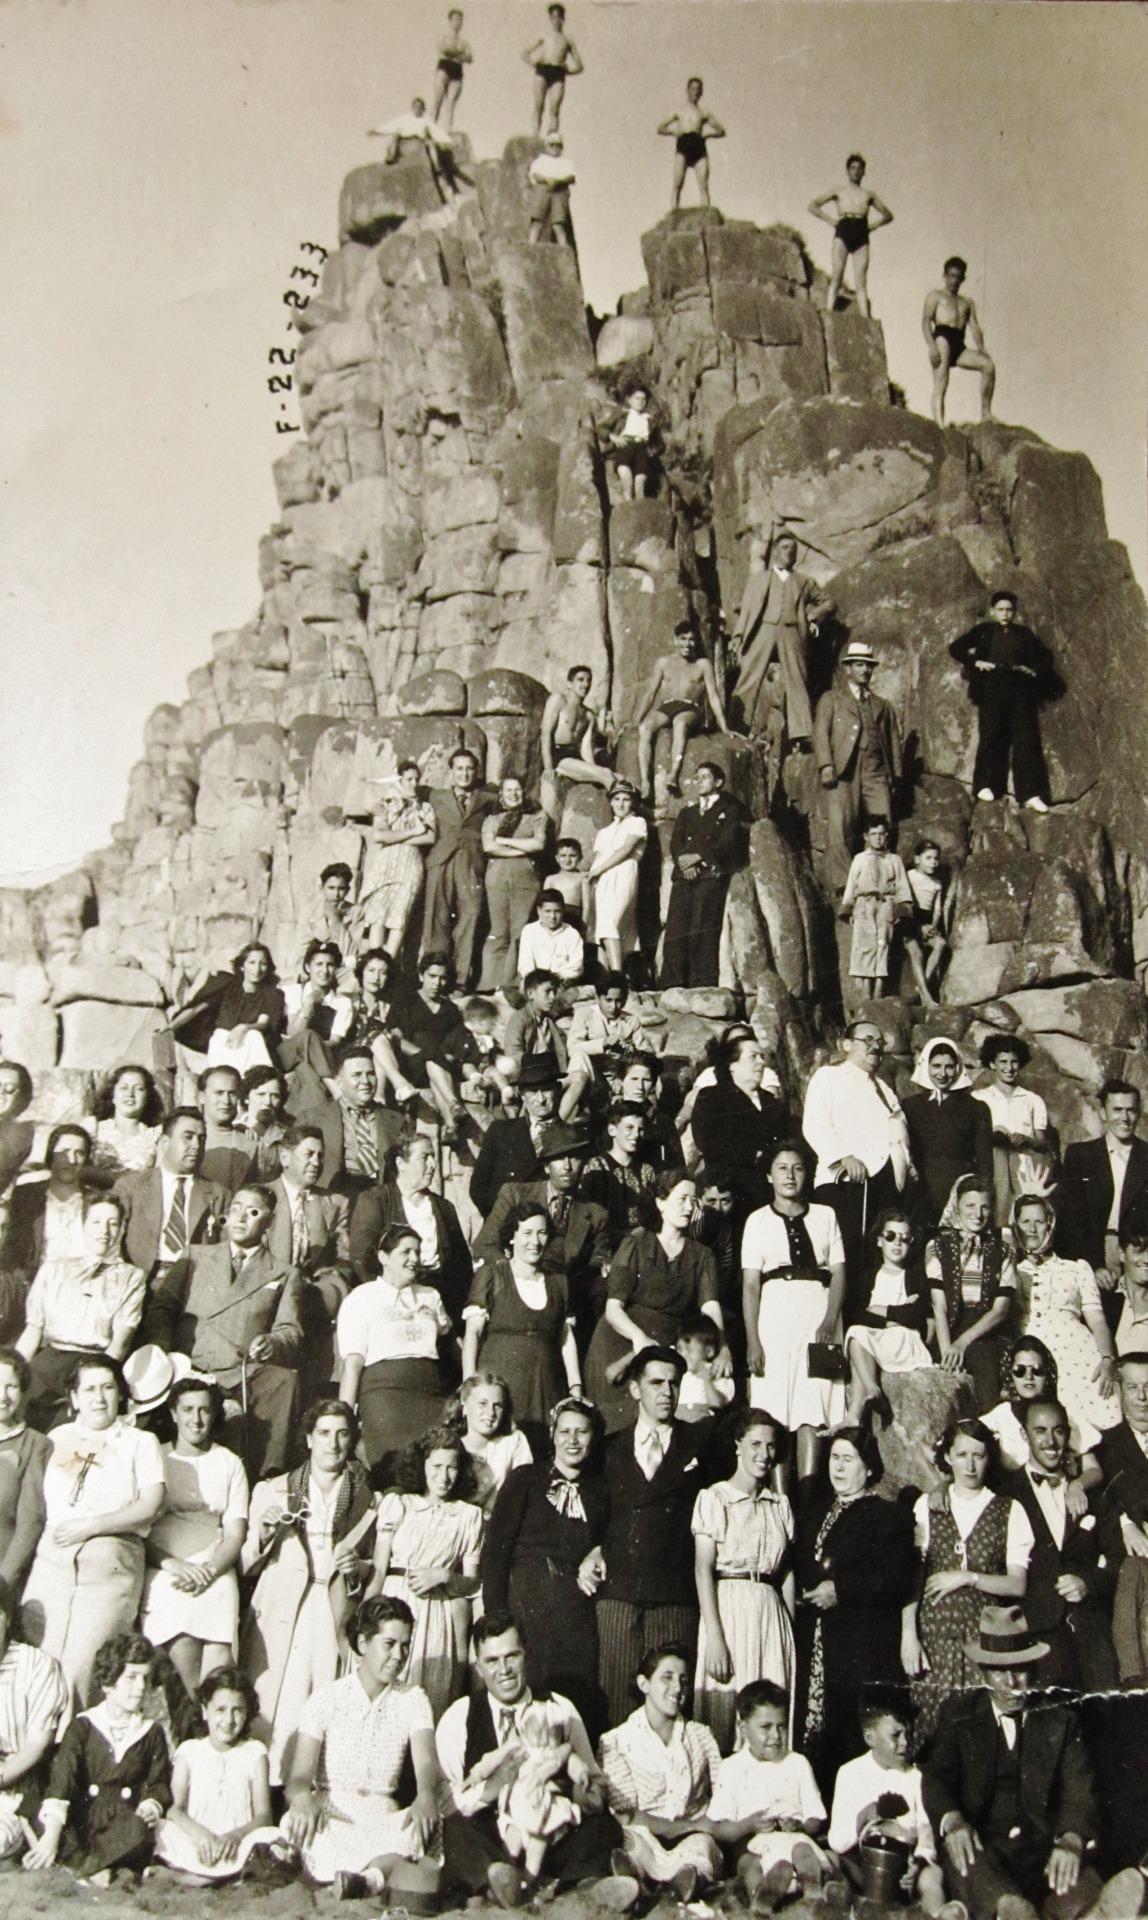 Enterreno - Fotos históricas de chile - fotos antiguas de Chile - Verano en el balneario de Constitución, 1948